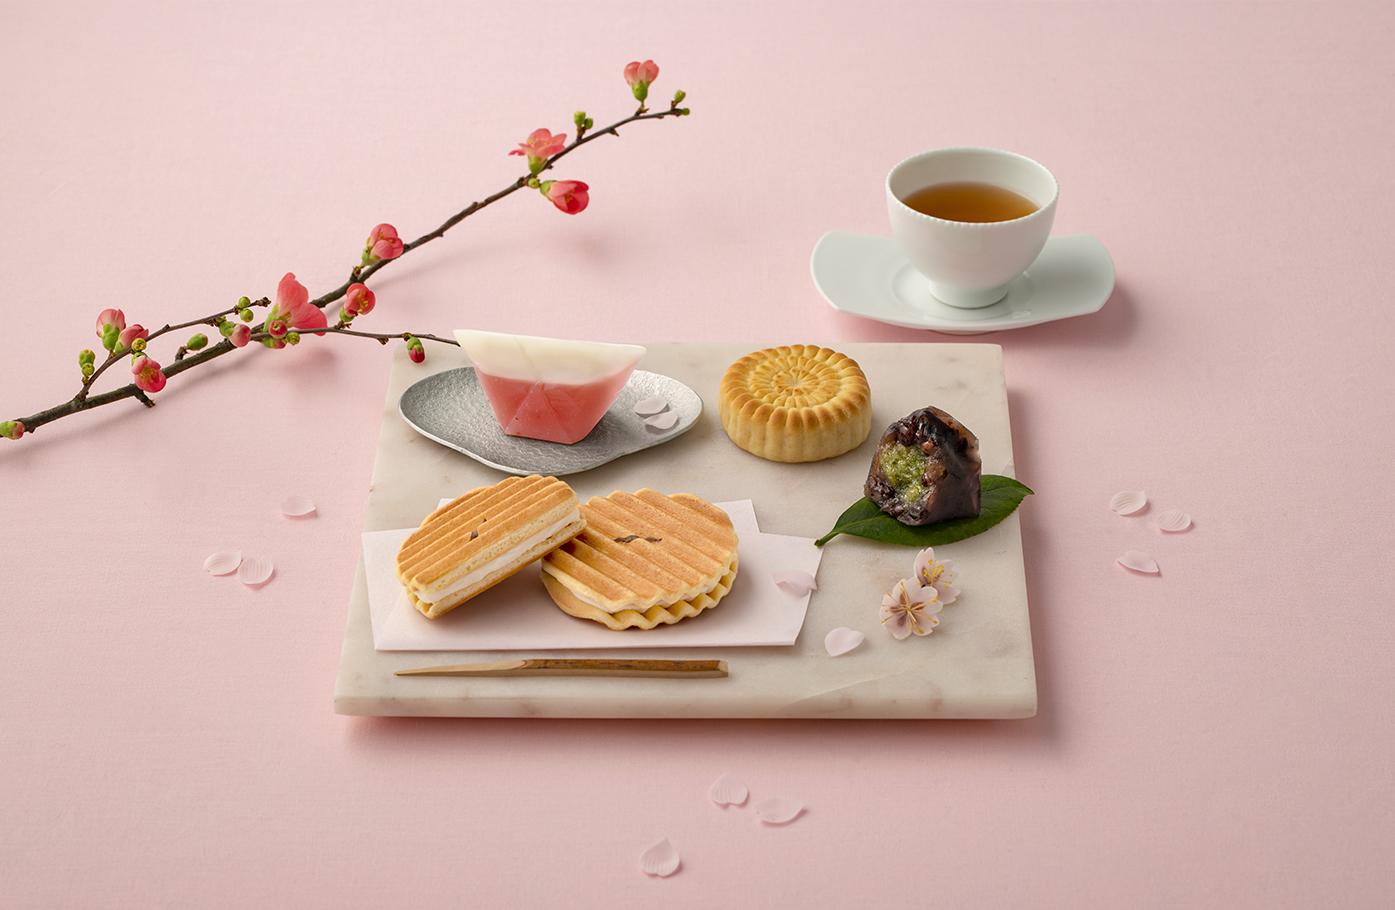 株式会社鼓月 春カタログイメージ